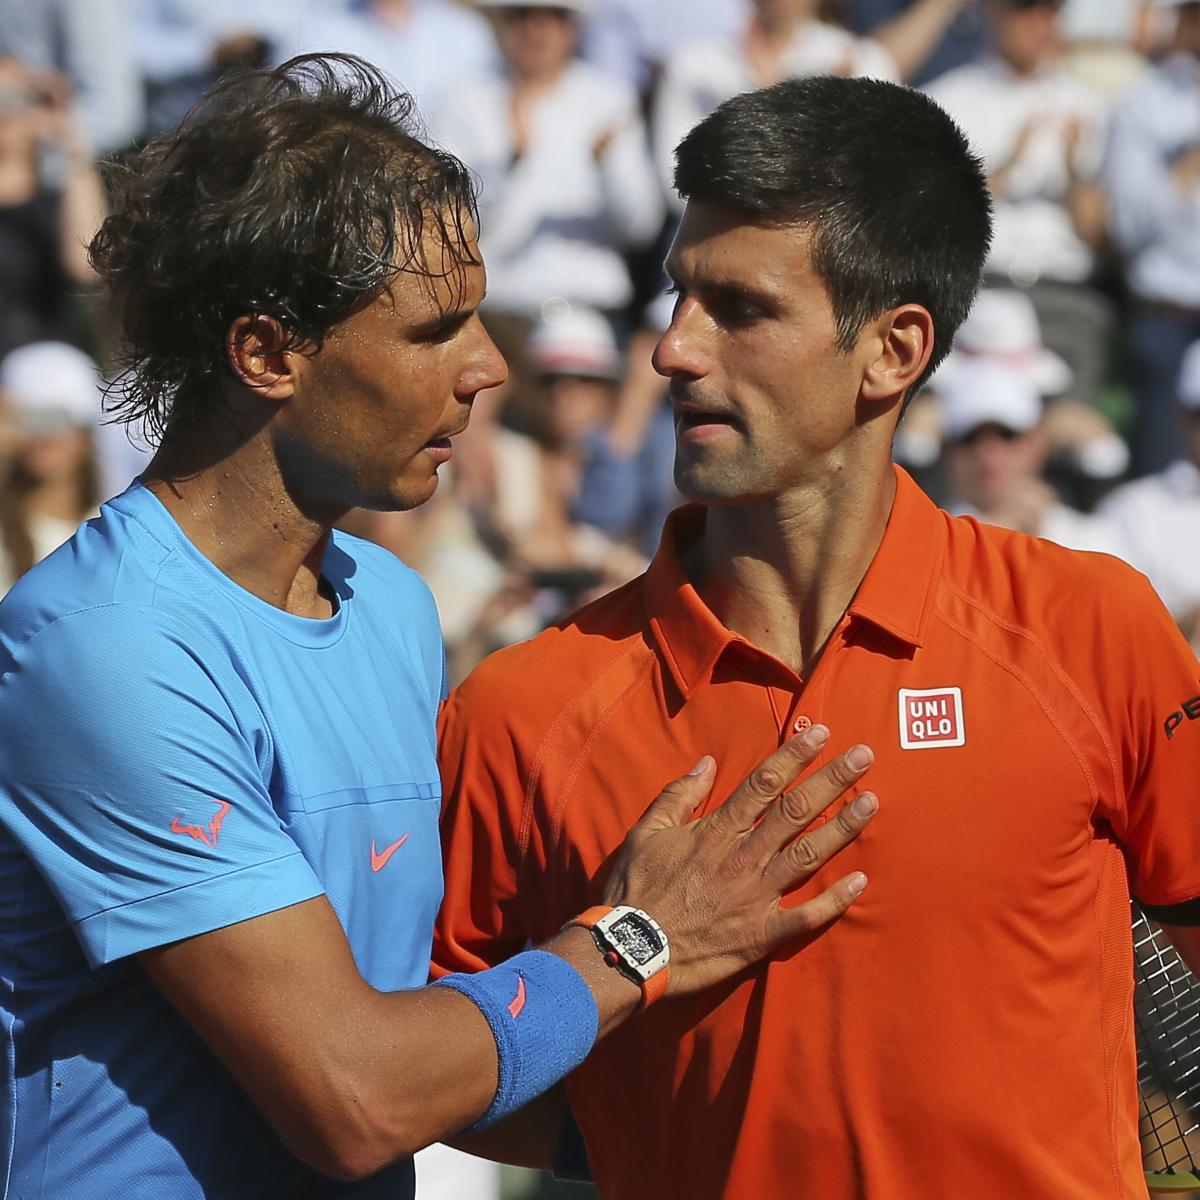 Wimbledon 2018 Men's Semifinal: TV Schedule, Start Time, Live-Stream Info